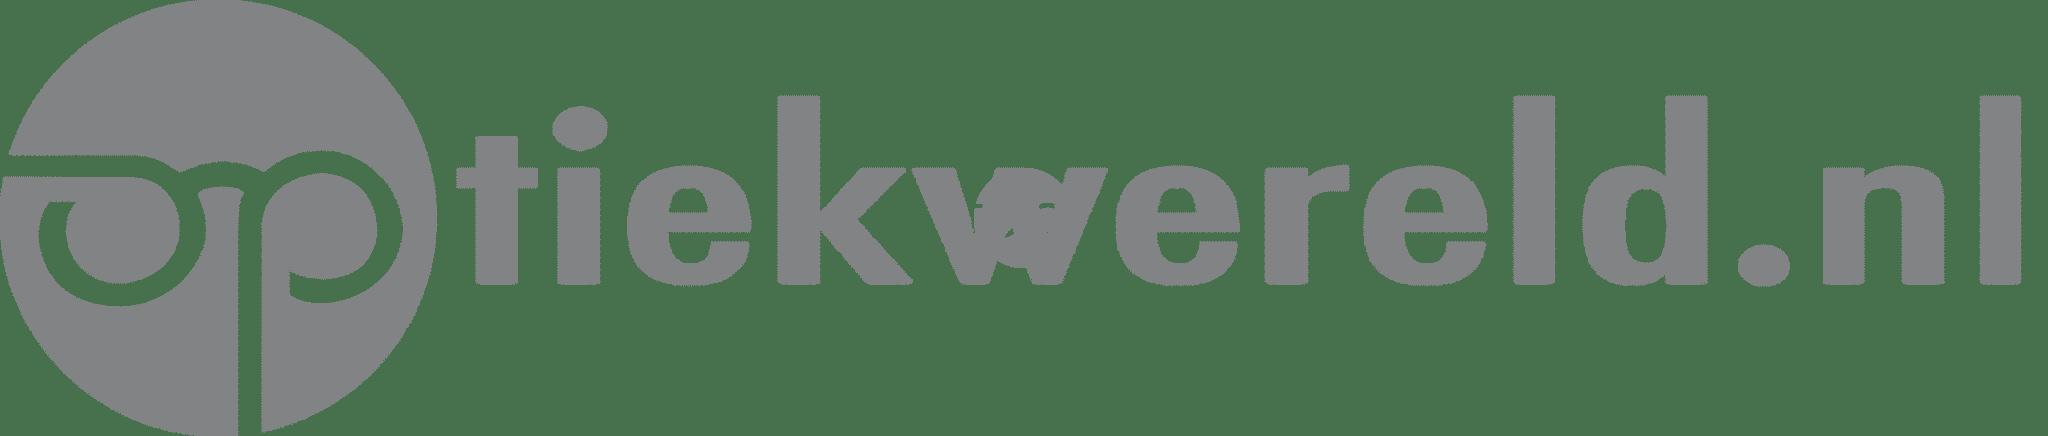 Het logo van loepen en vergrootglazen specialist optiekwereld